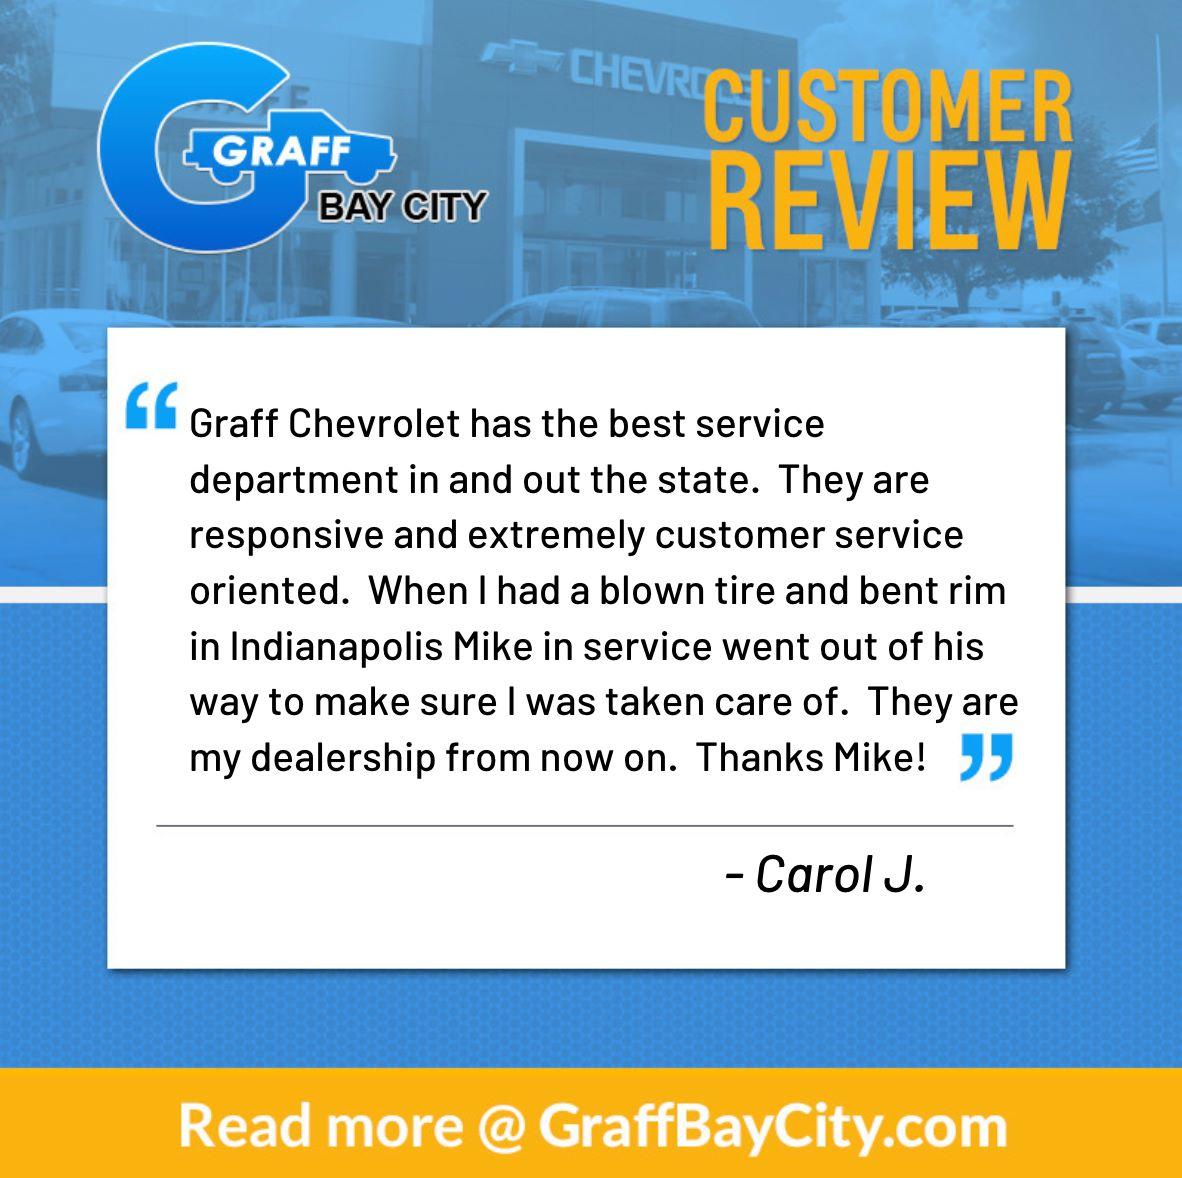 Graff Chevrolet Bay City >> Graff Chevrolet Graffbaycity Twitter